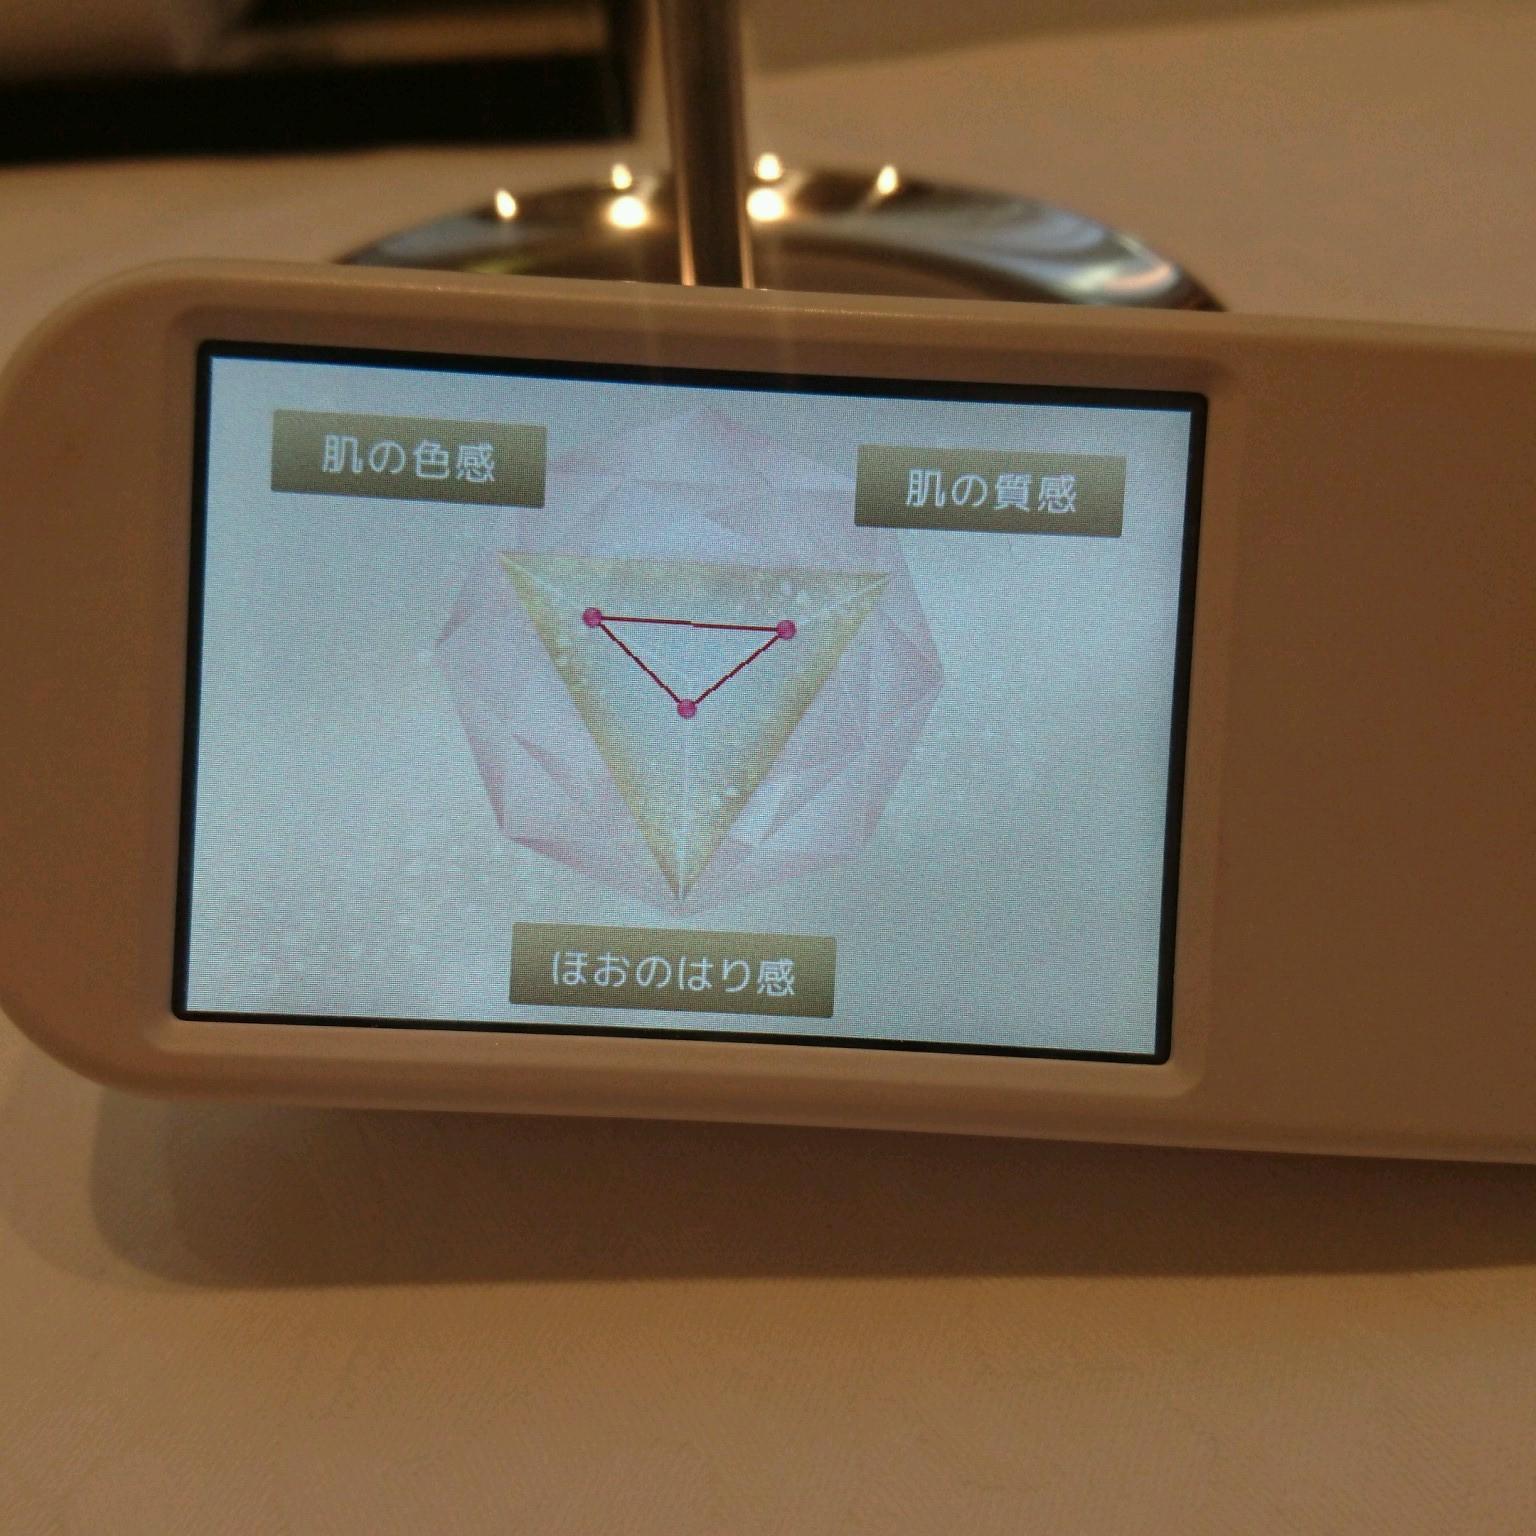 クレ・ド・ポー ボーテ 4Dはり美容液1ヶ月使用後の肌診断結果‼_1_2